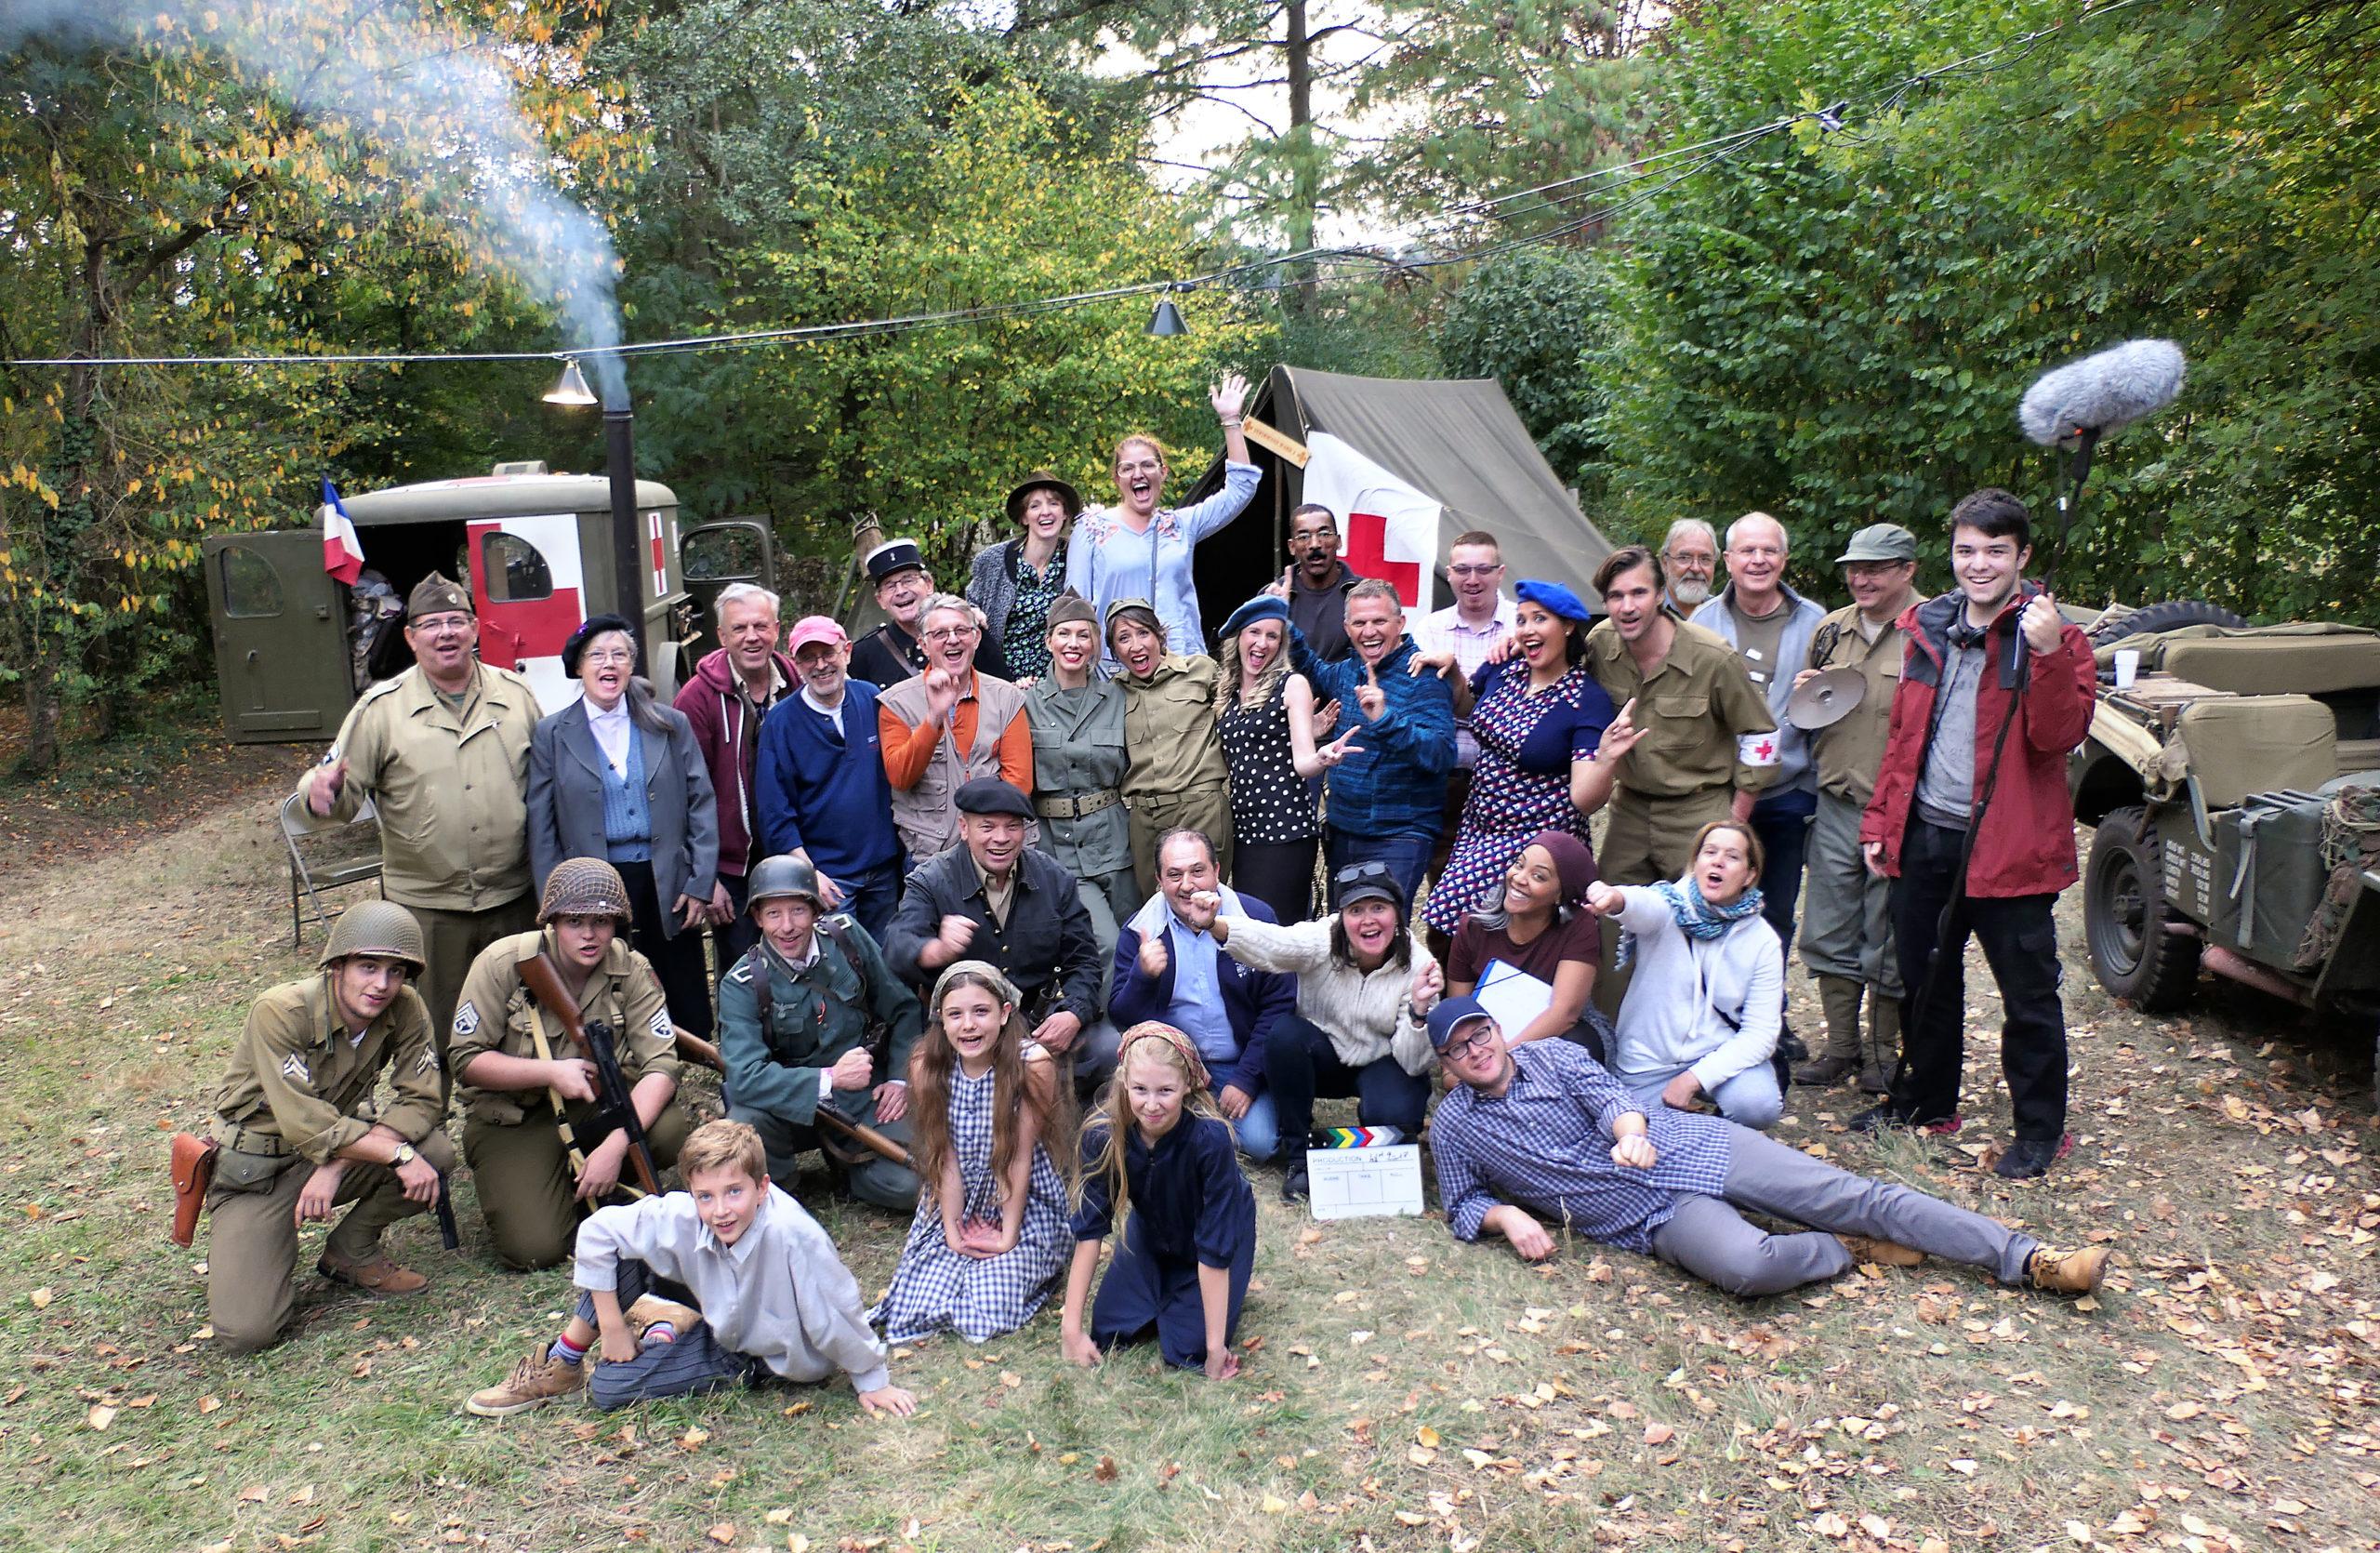 Les-Tontons-cadreurs-Un-été-au-Ptit-Mesnil-48hfp-2018-equipe-complete